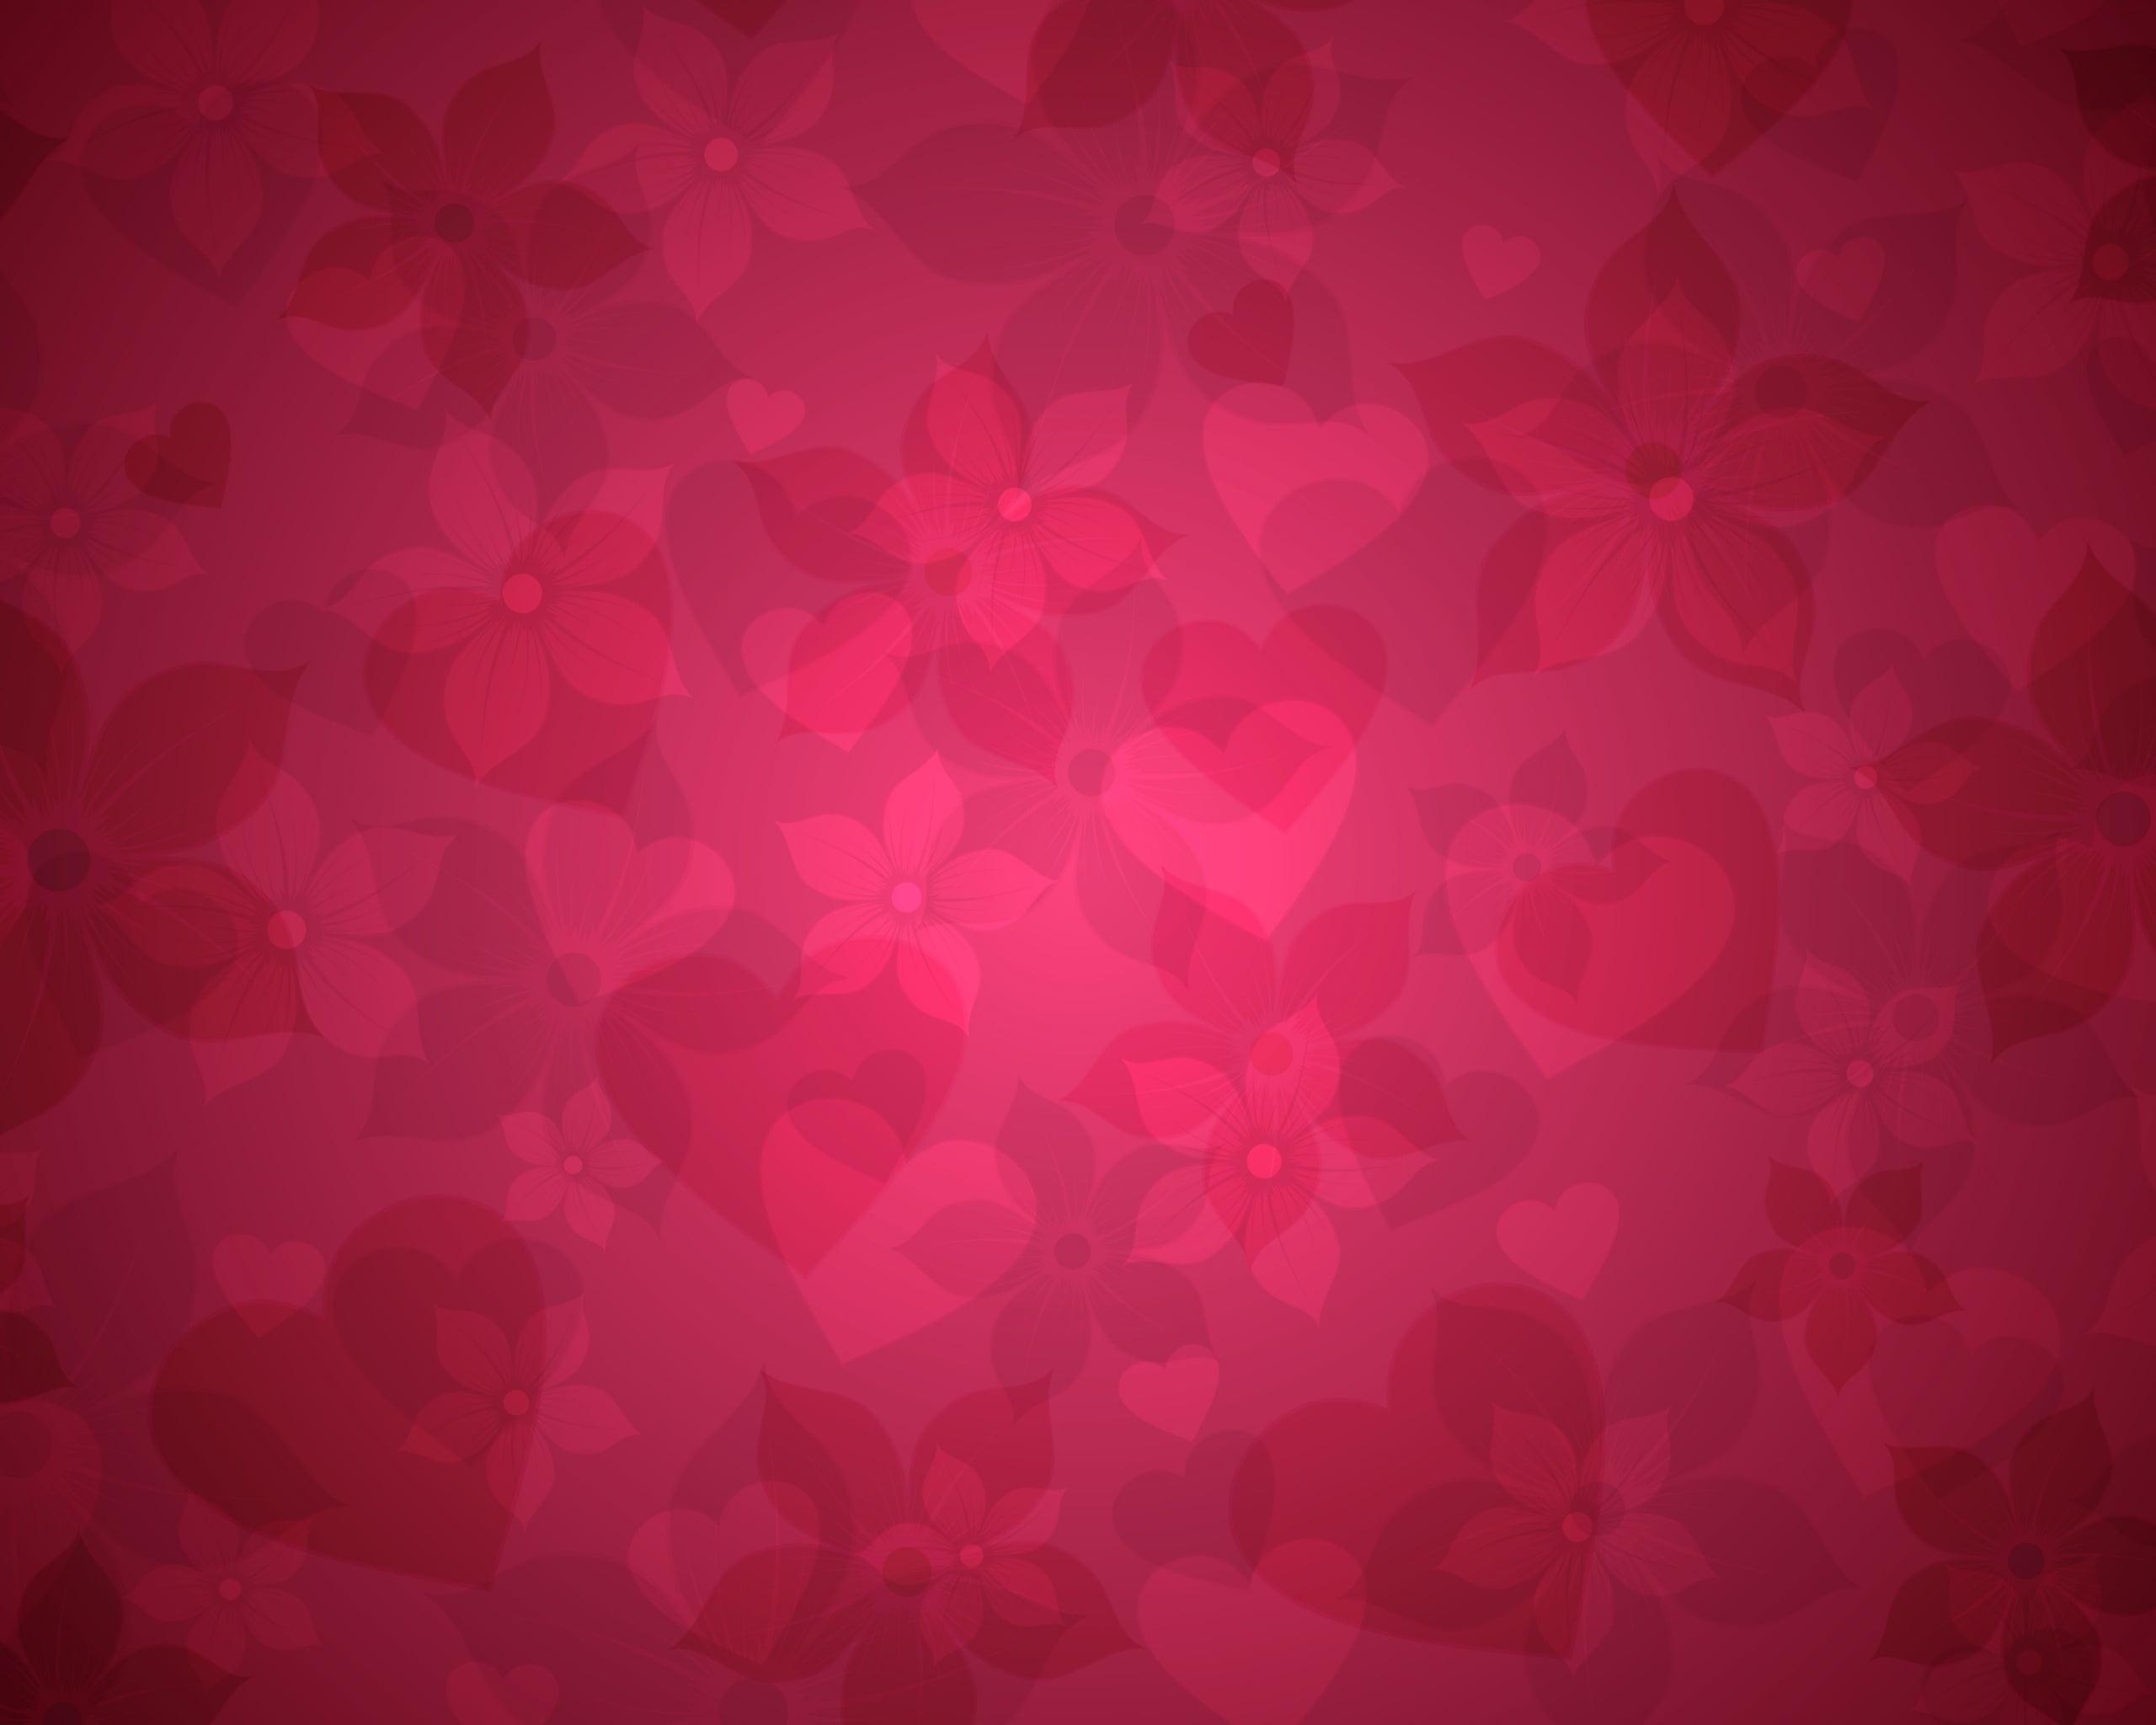 2560x2048, Texture, Pink, Heart, Hearts Hd Wallpaper - Heart Background Powerpoint - HD Wallpaper